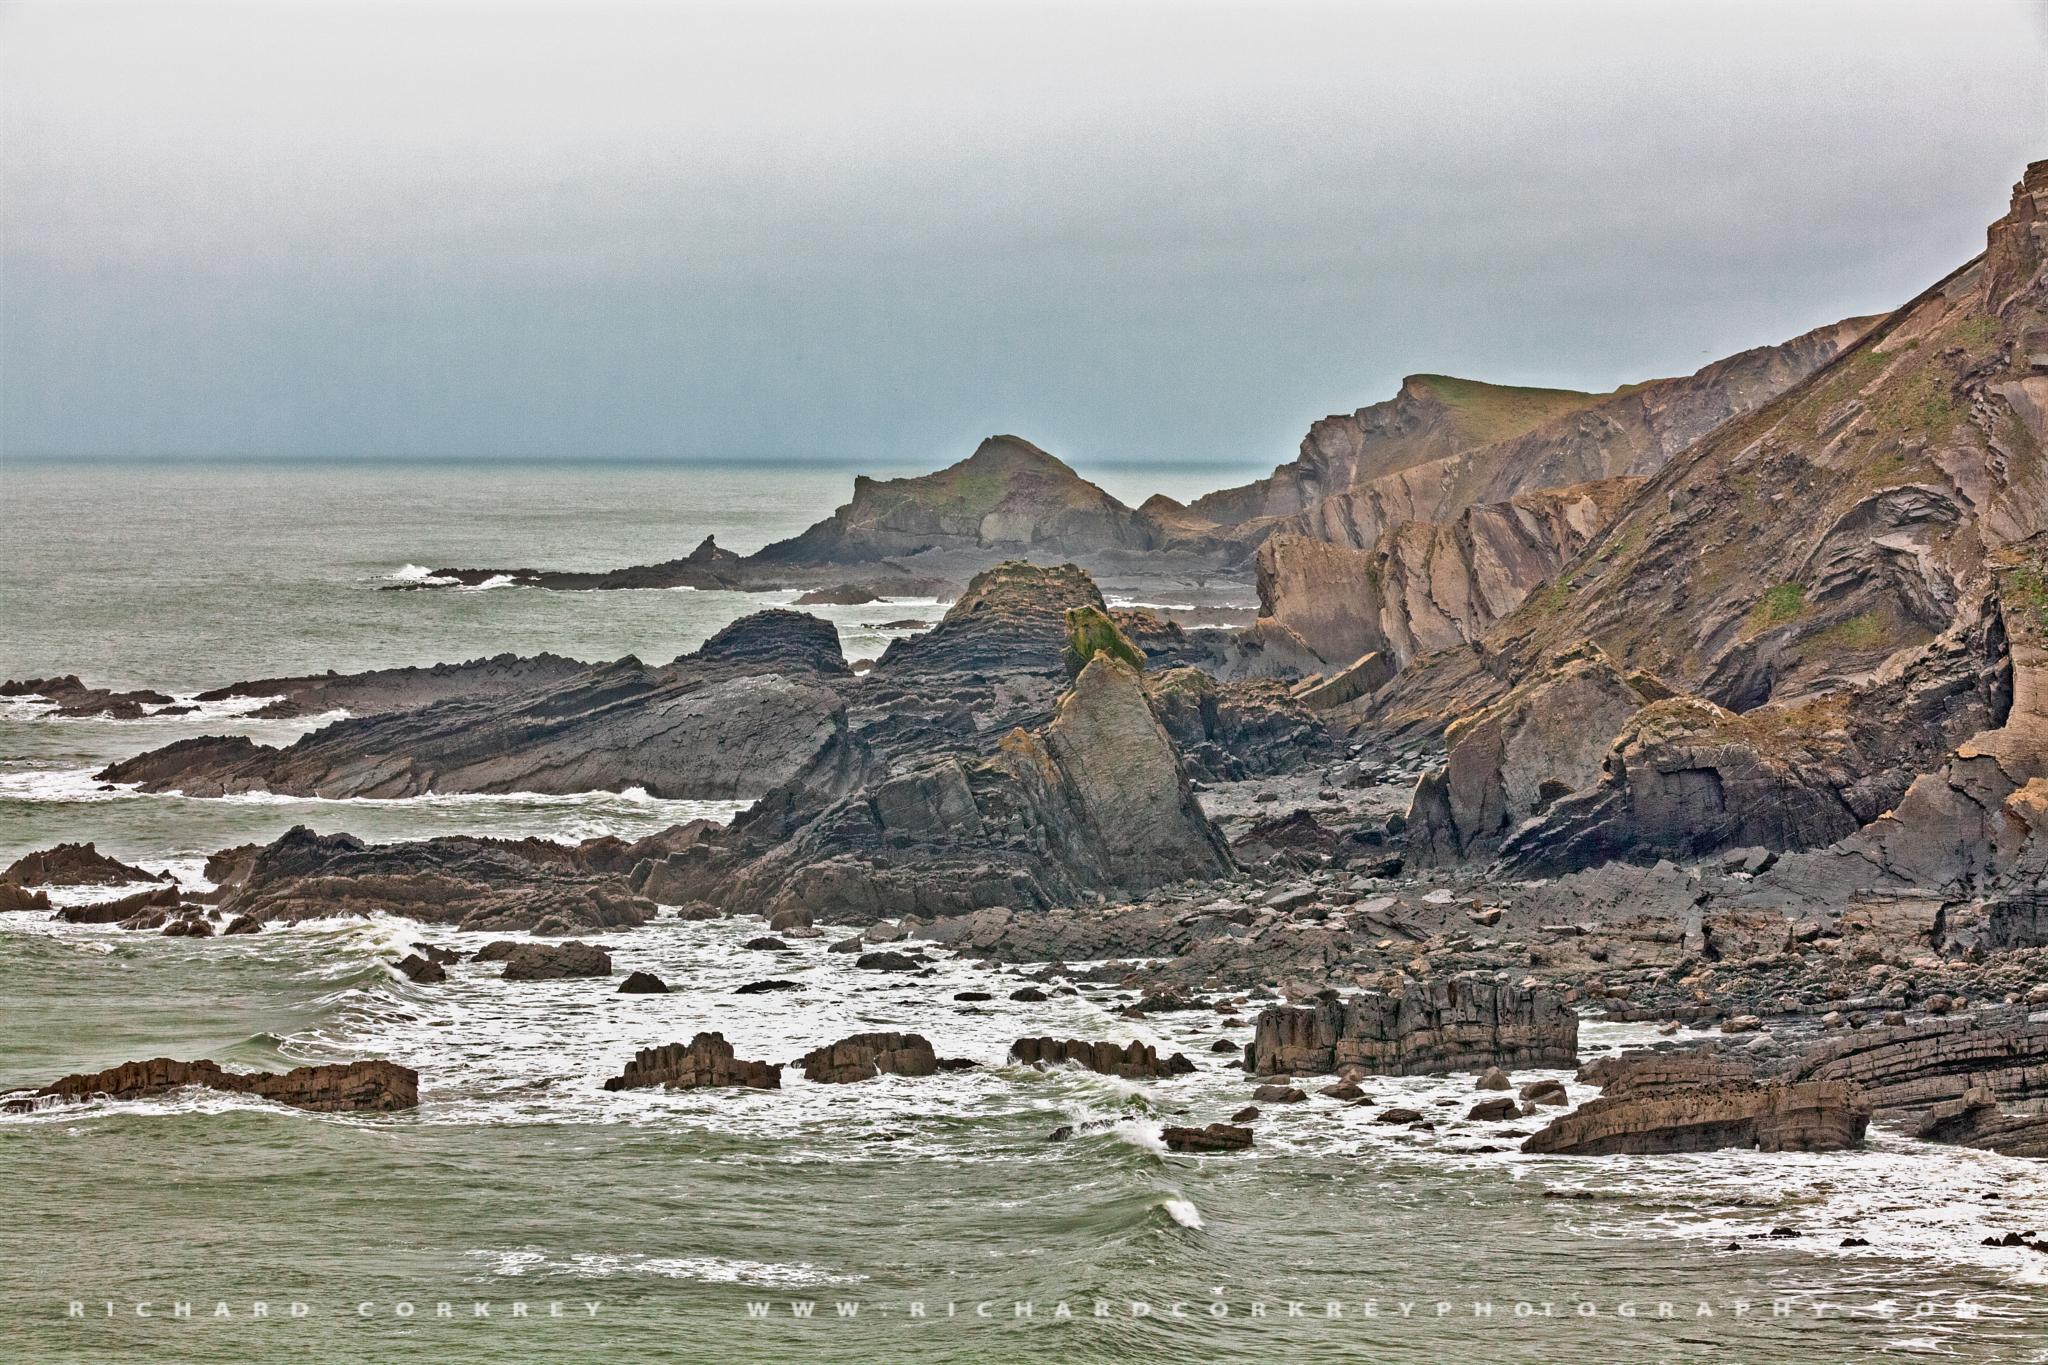 Warren Beach by Richard Corkrey